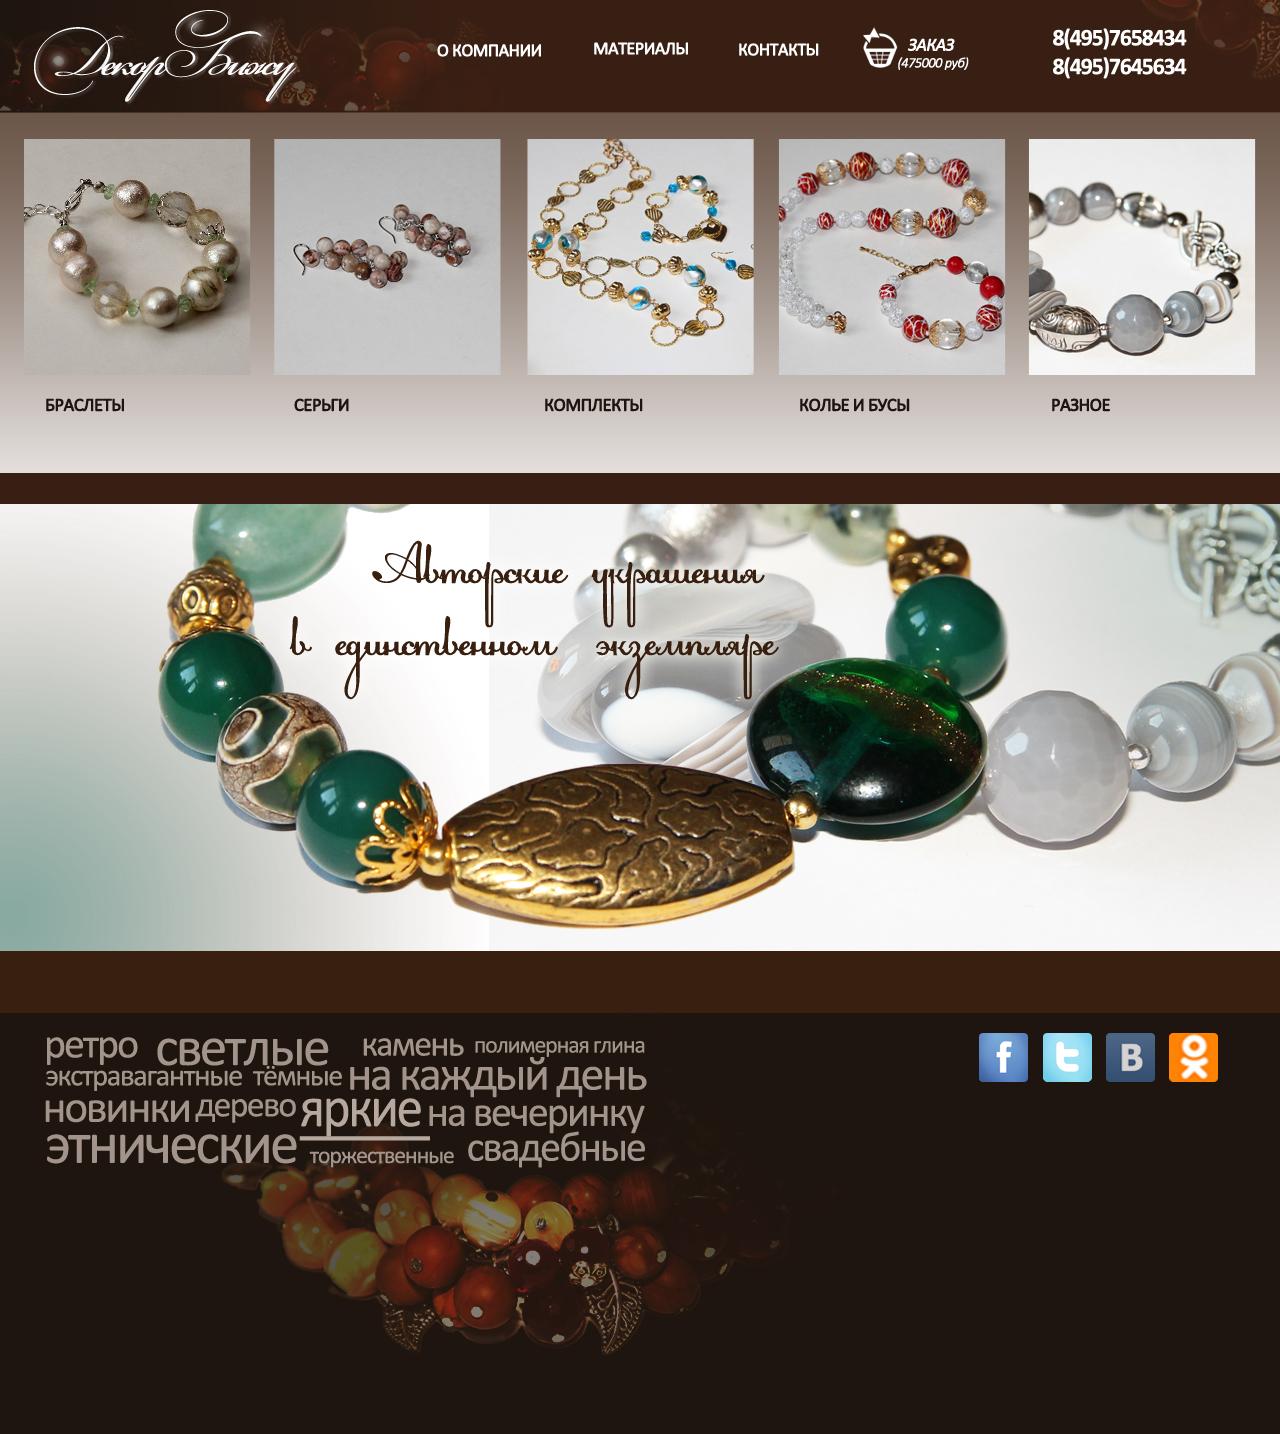 Дизайн интернет-магазина бижутерии